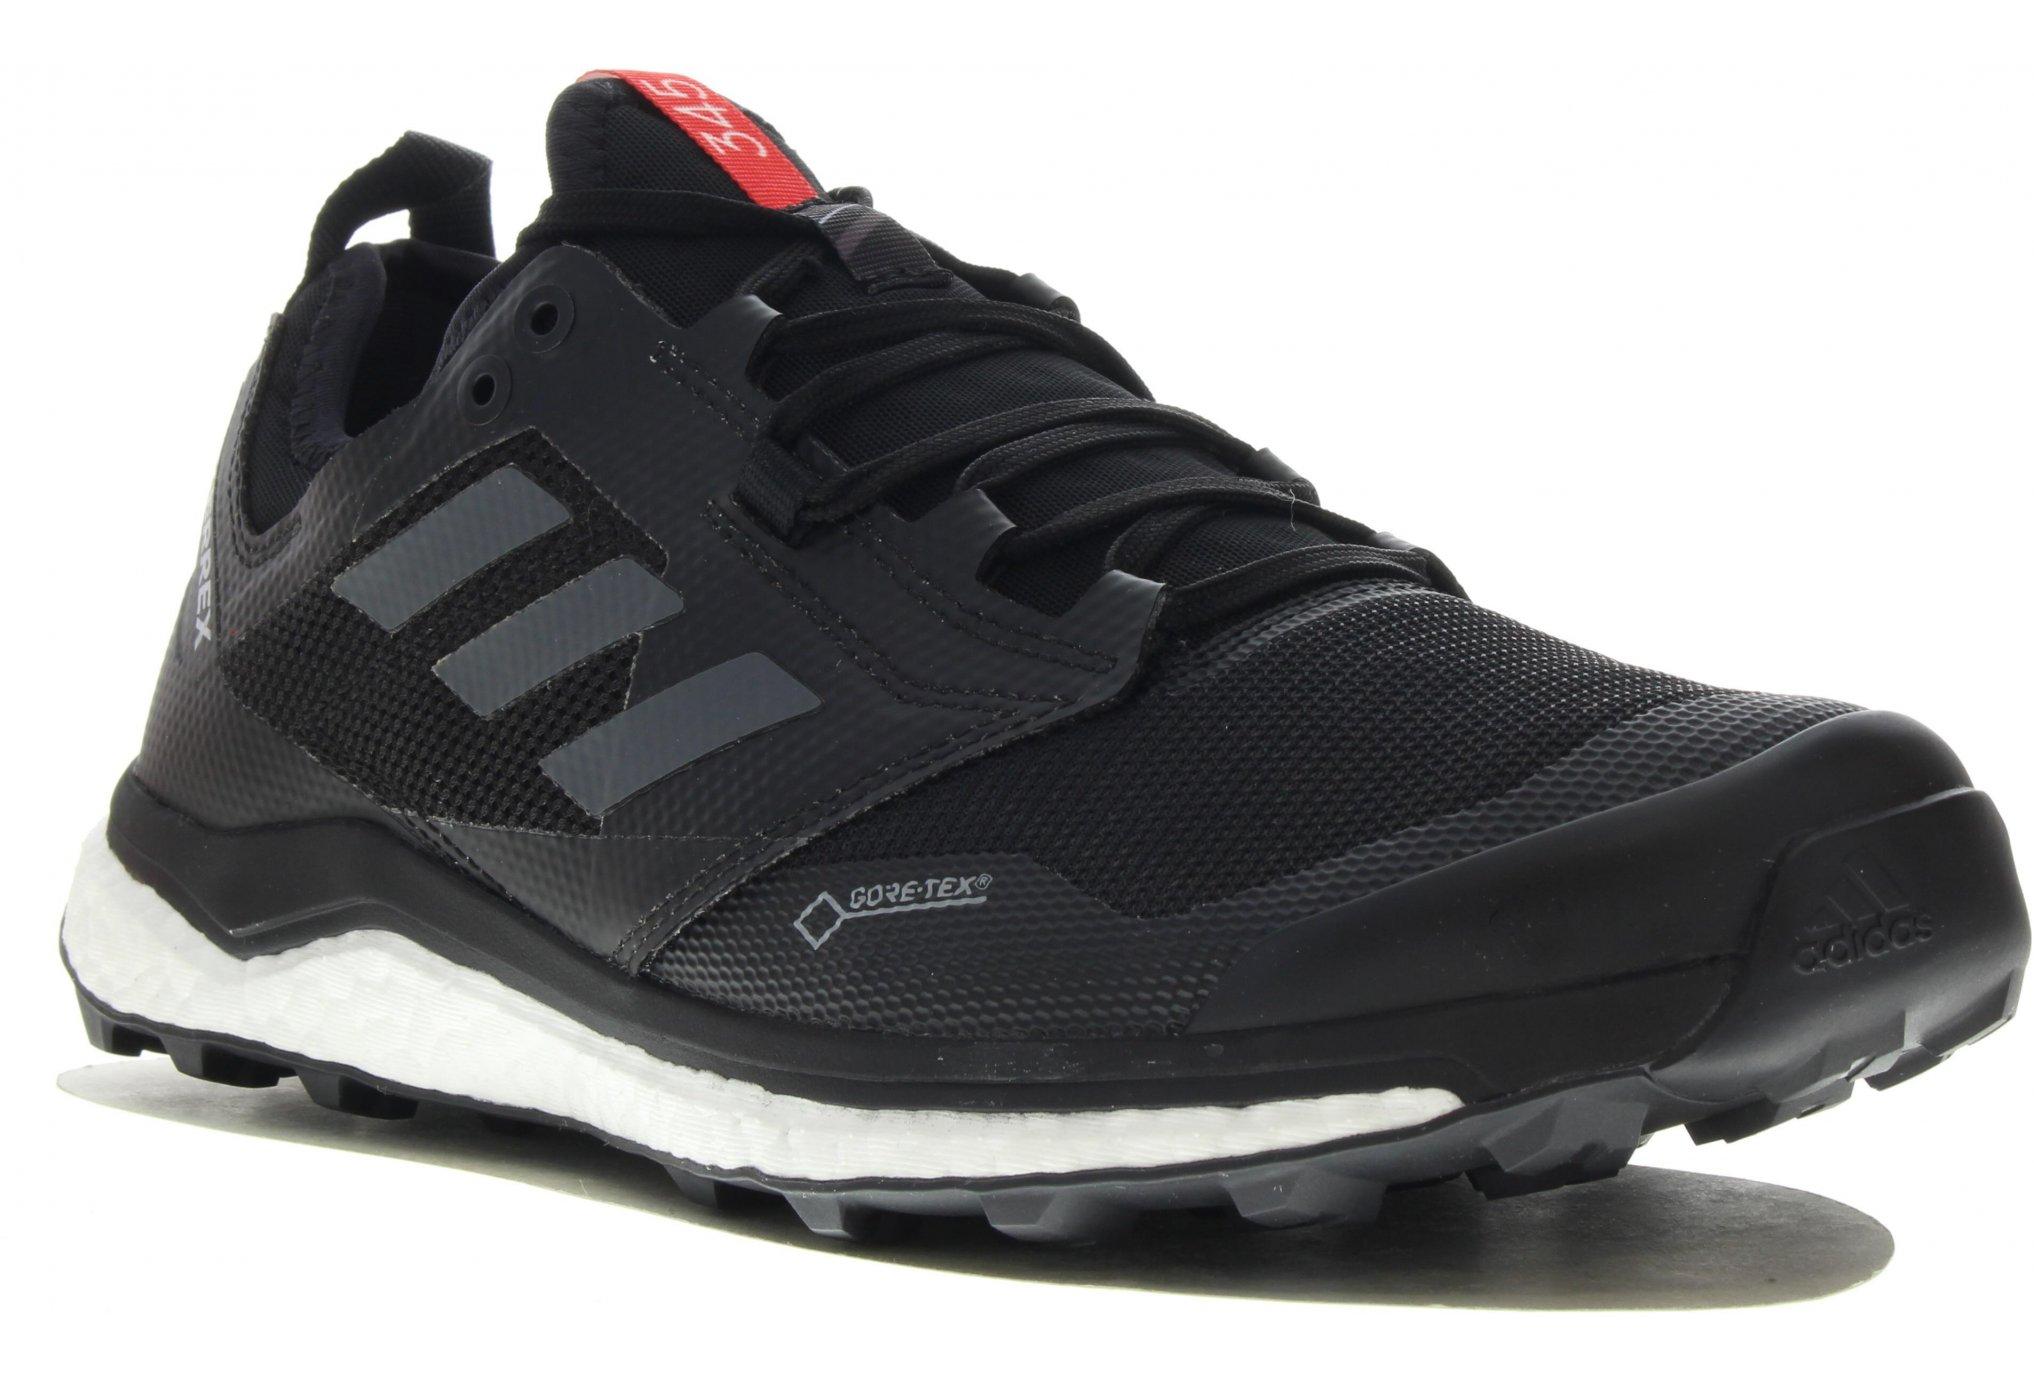 adidas Terrex Agravic XT Gore-Tex M Diététique Chaussures homme